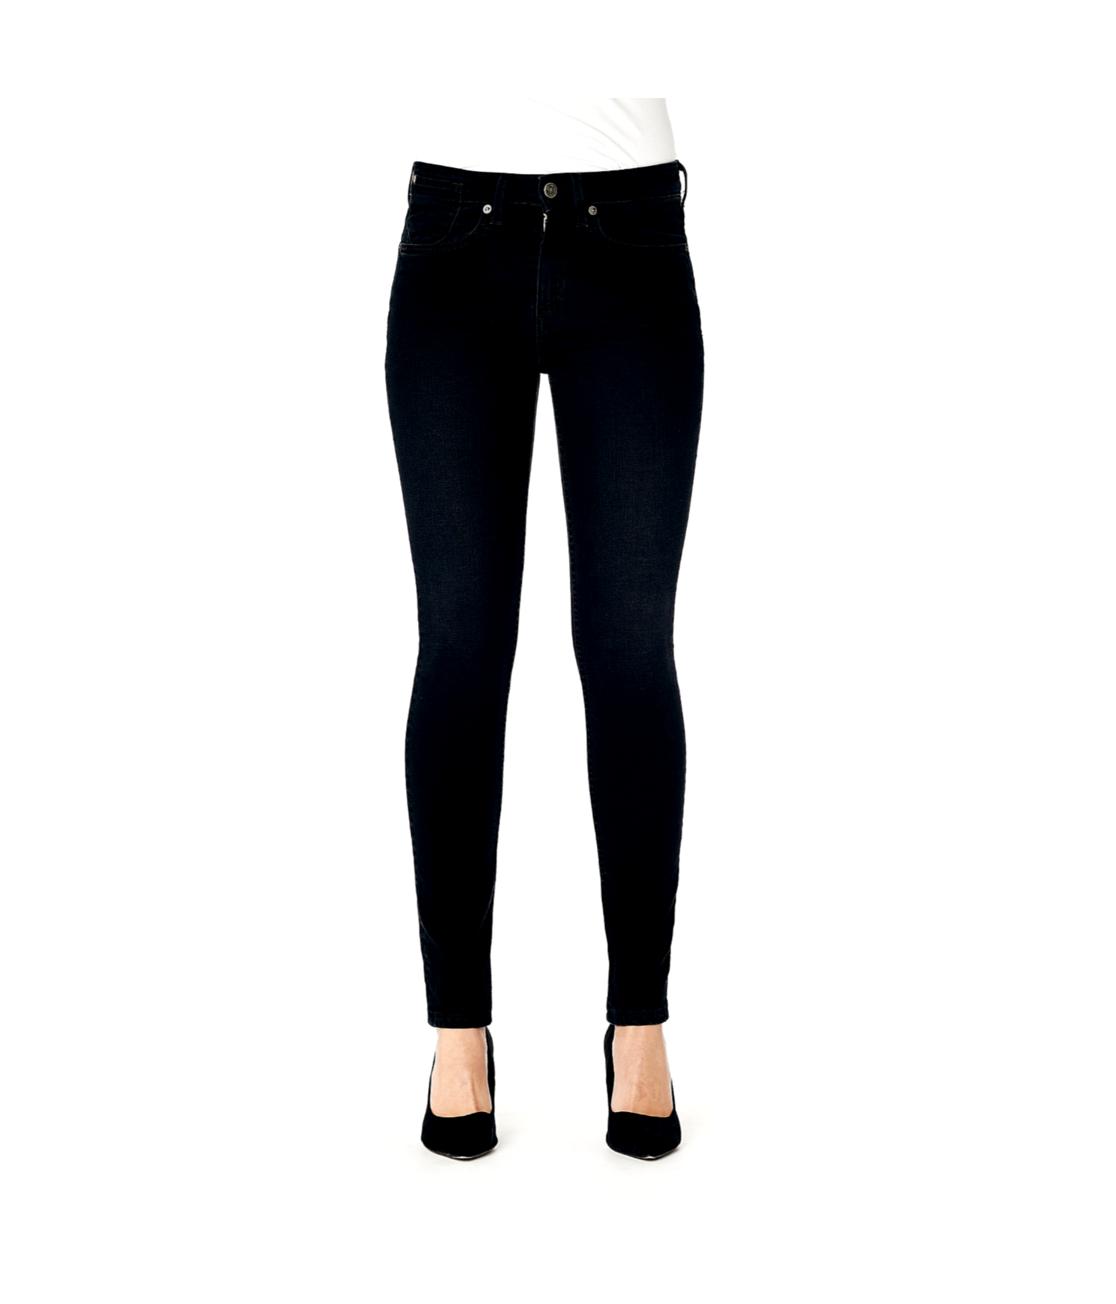 Kuyichi Sorte højtaljede, superskinny jeans lavet af 69% økologisk bomuld, 29% genbrugsbomuld og 2% elastan.